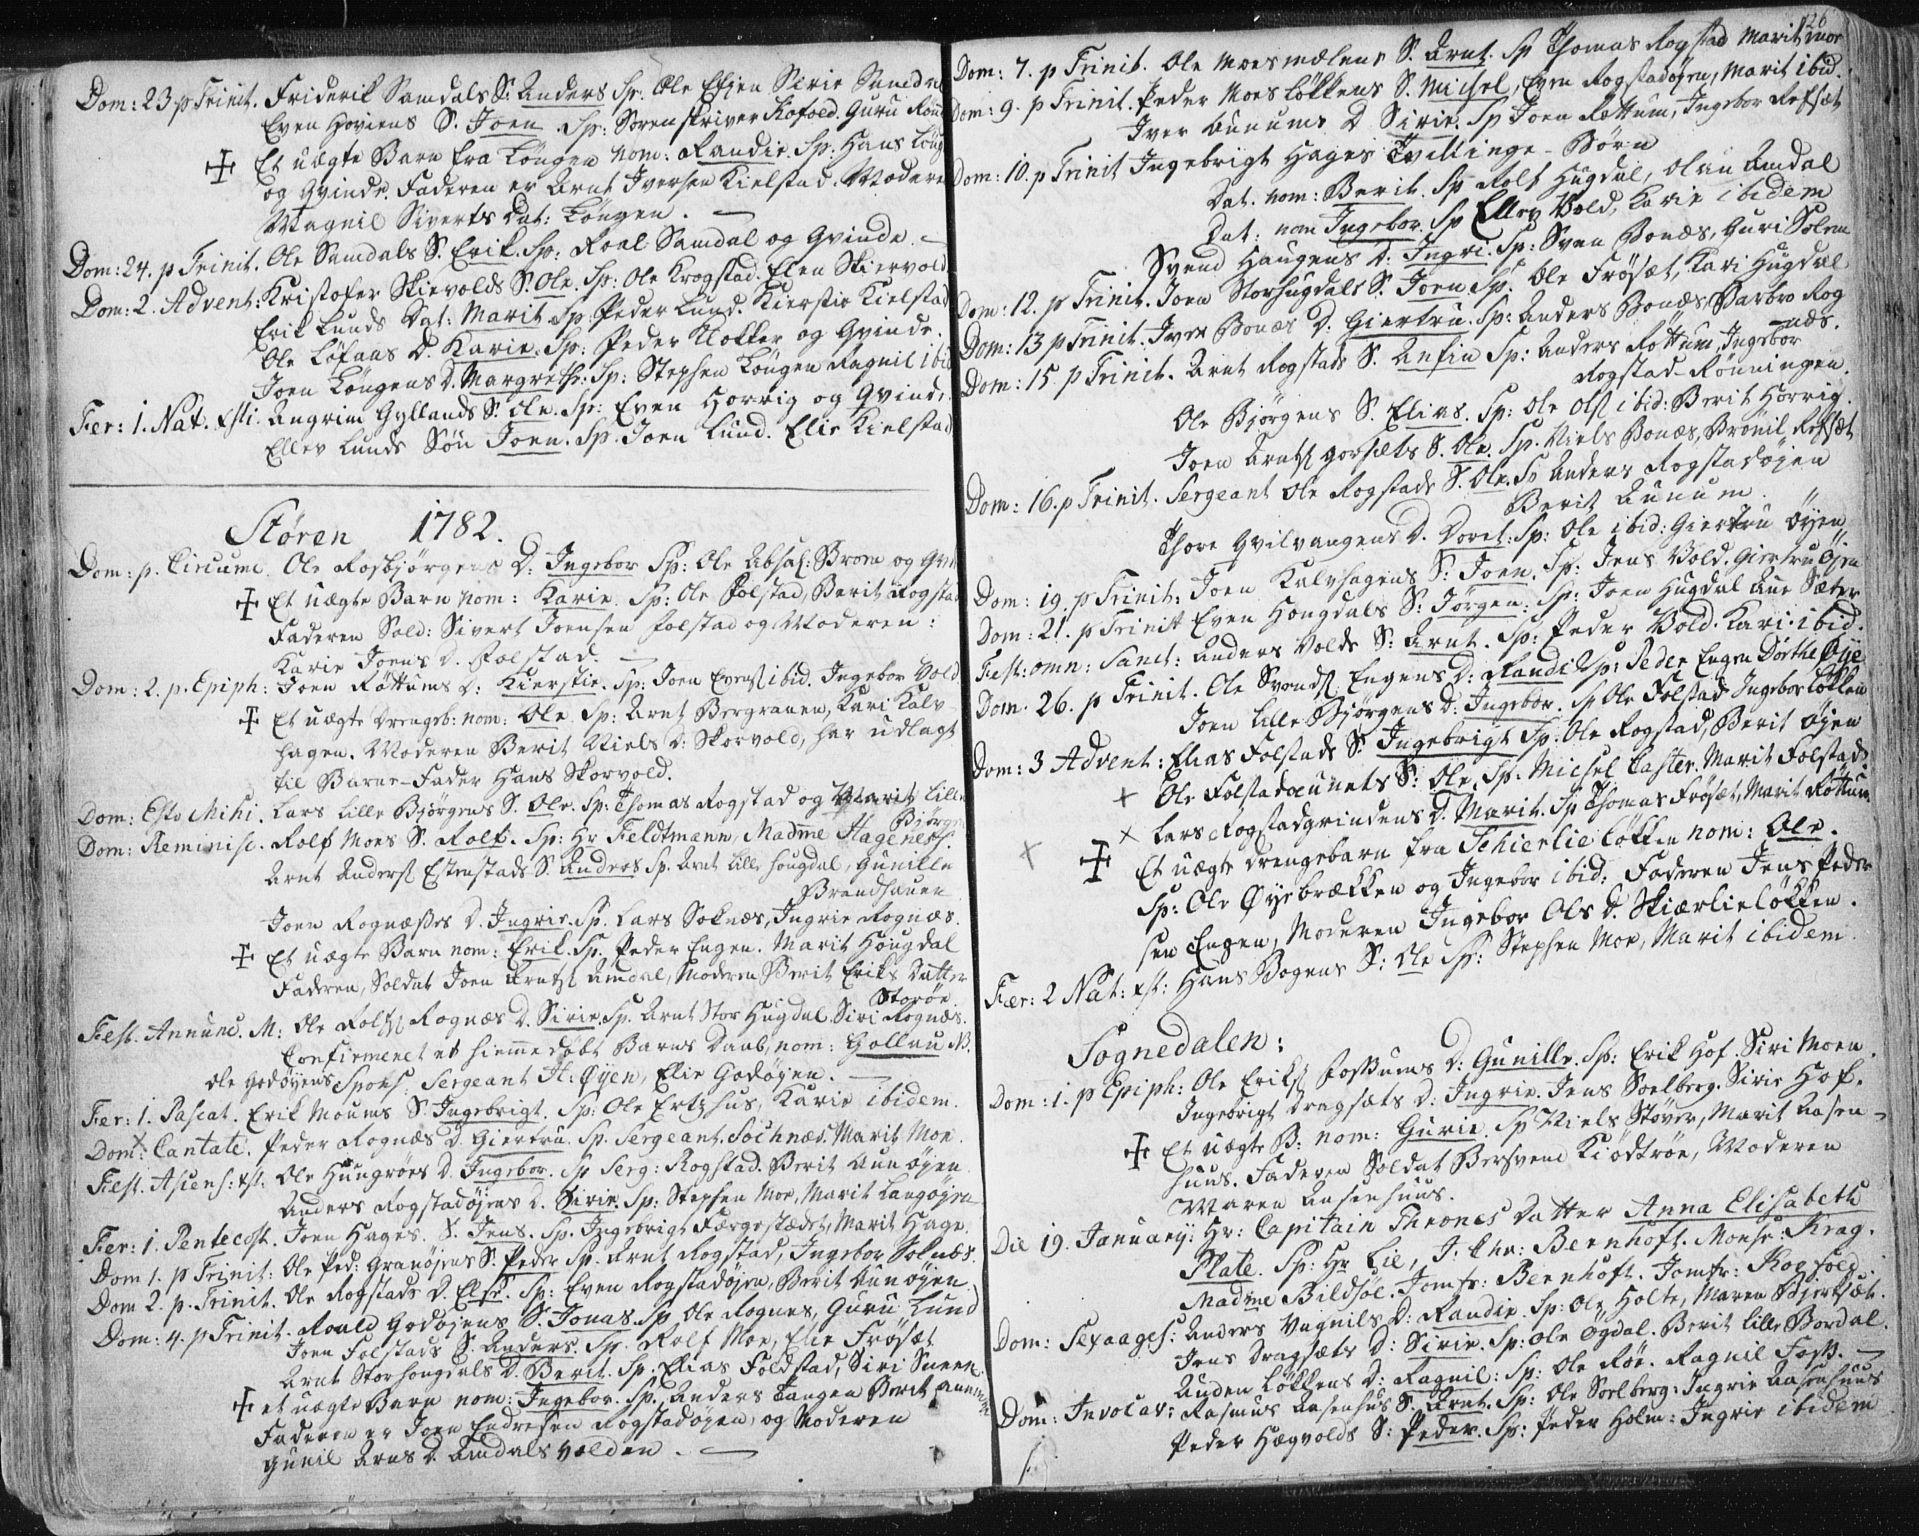 SAT, Ministerialprotokoller, klokkerbøker og fødselsregistre - Sør-Trøndelag, 687/L0991: Ministerialbok nr. 687A02, 1747-1790, s. 126